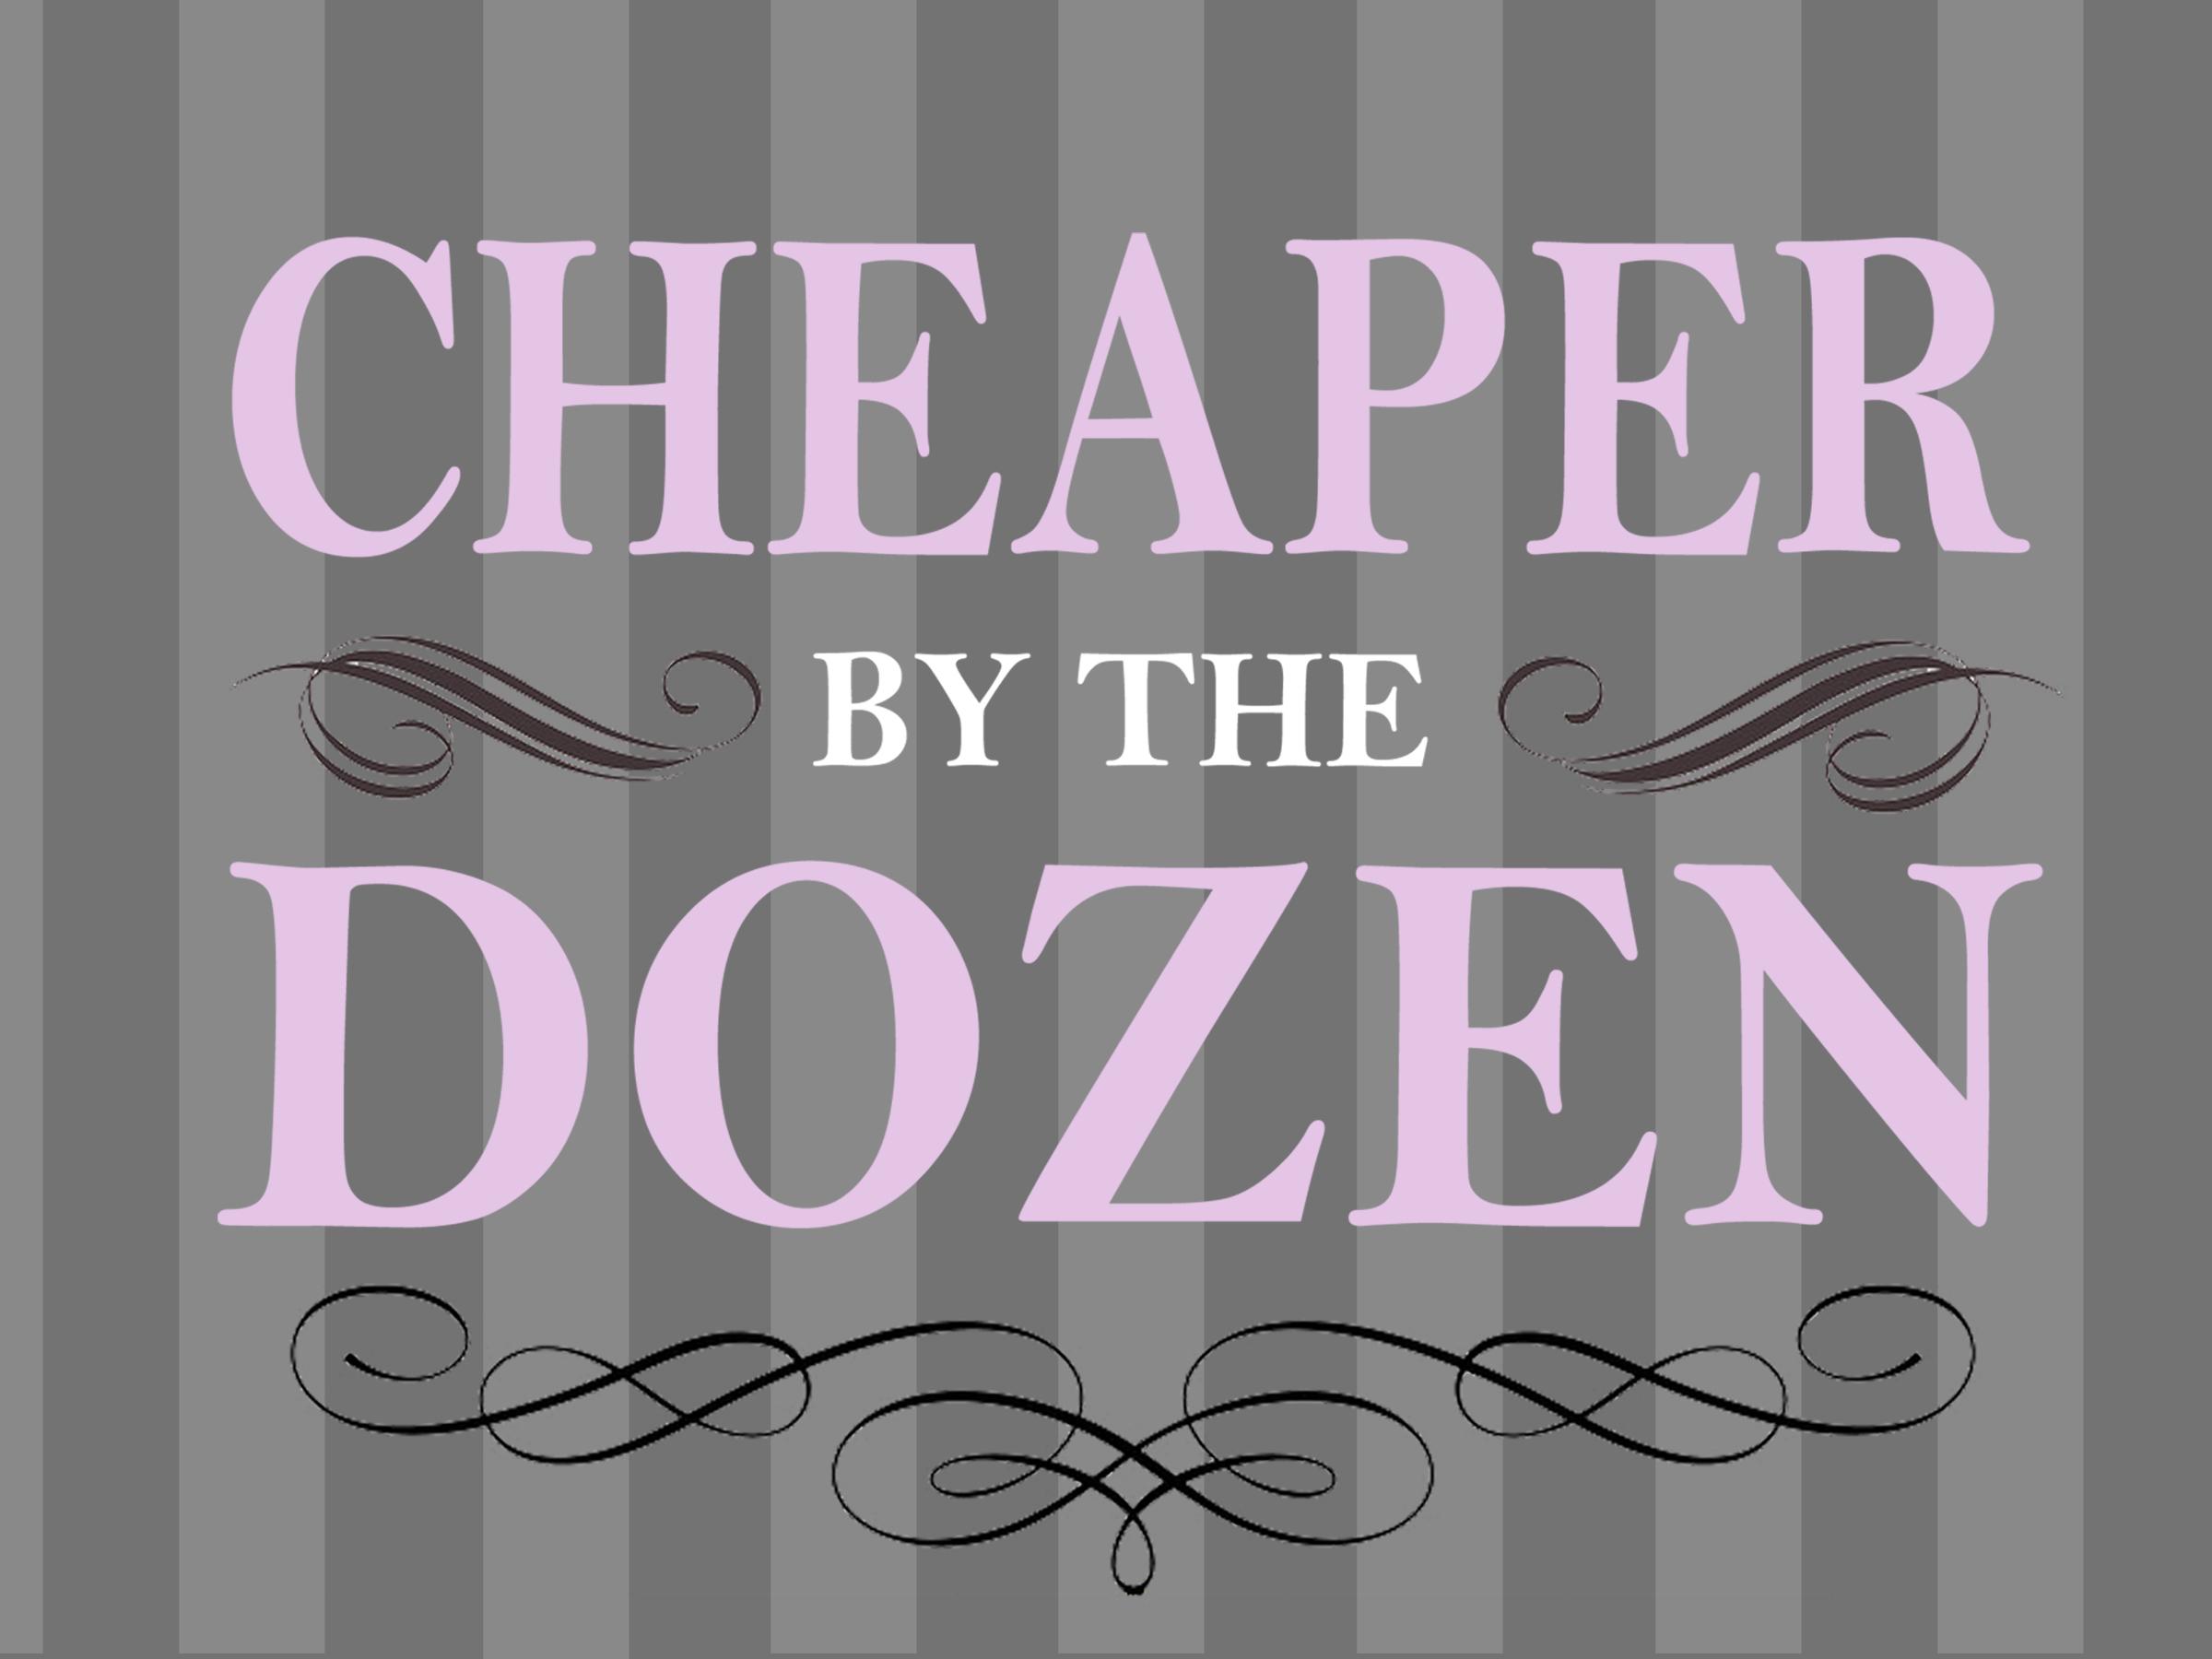 Small logo for Cheaper by the Dozen